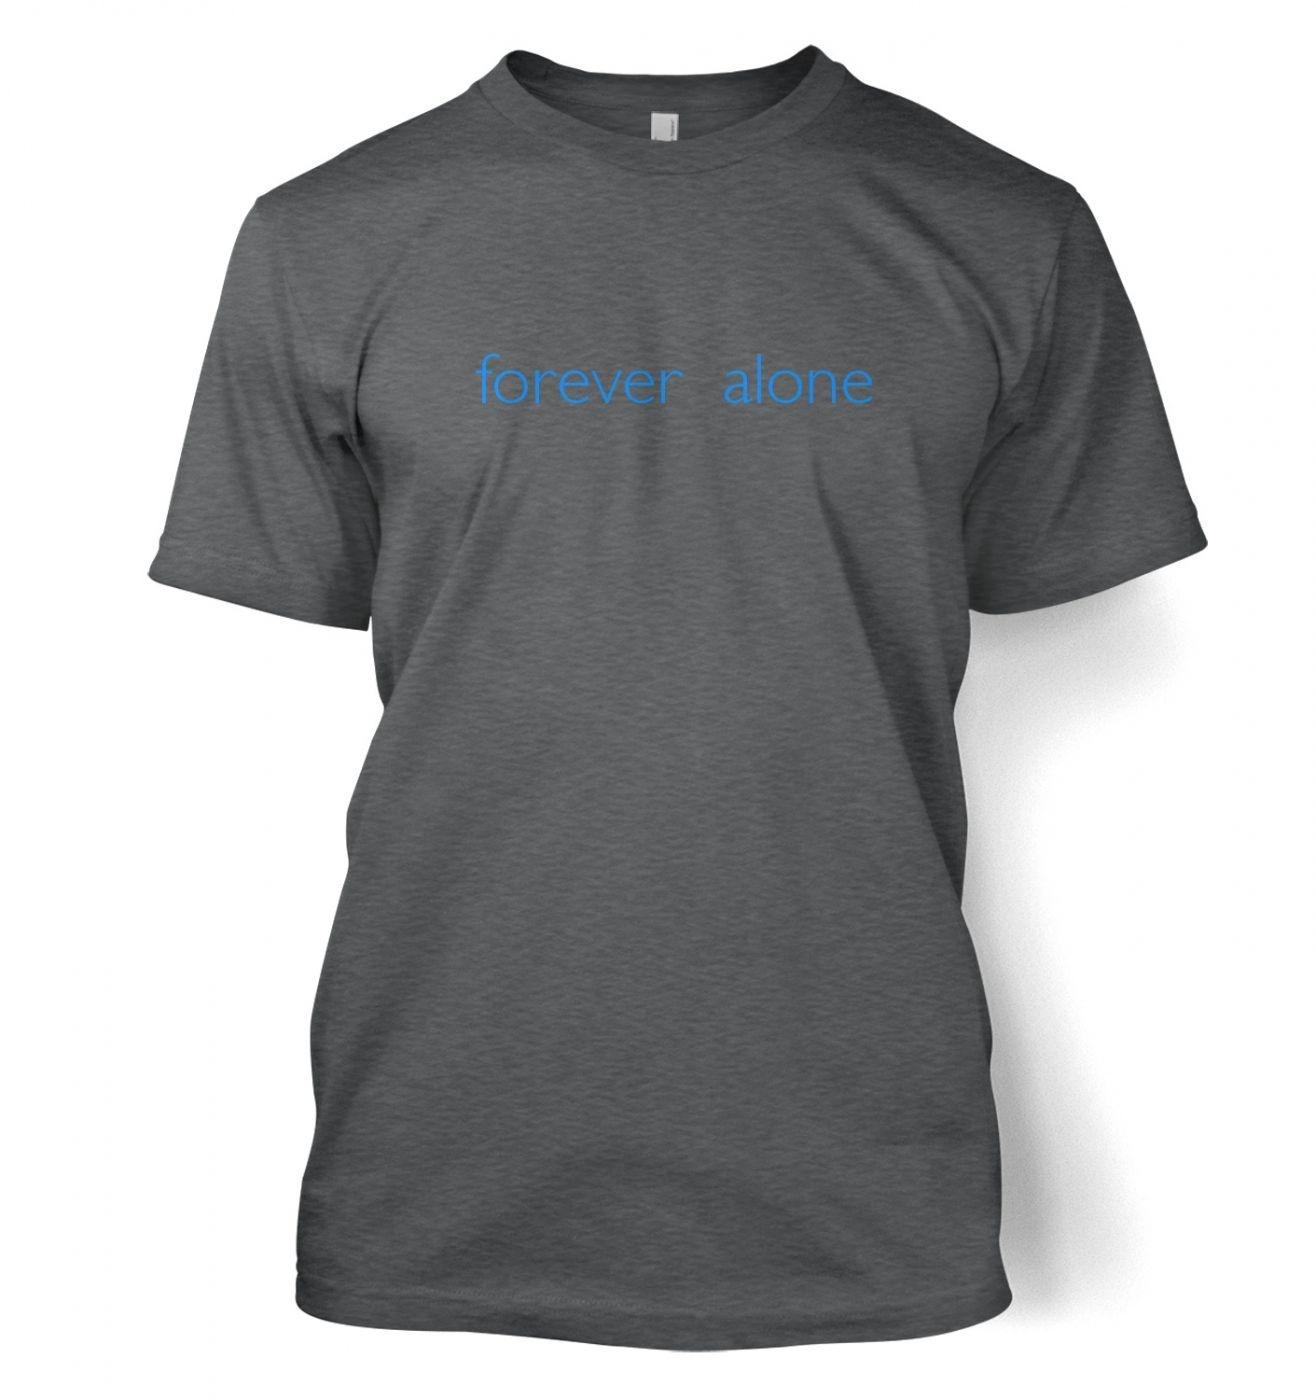 Forever alone Men's t-shirt